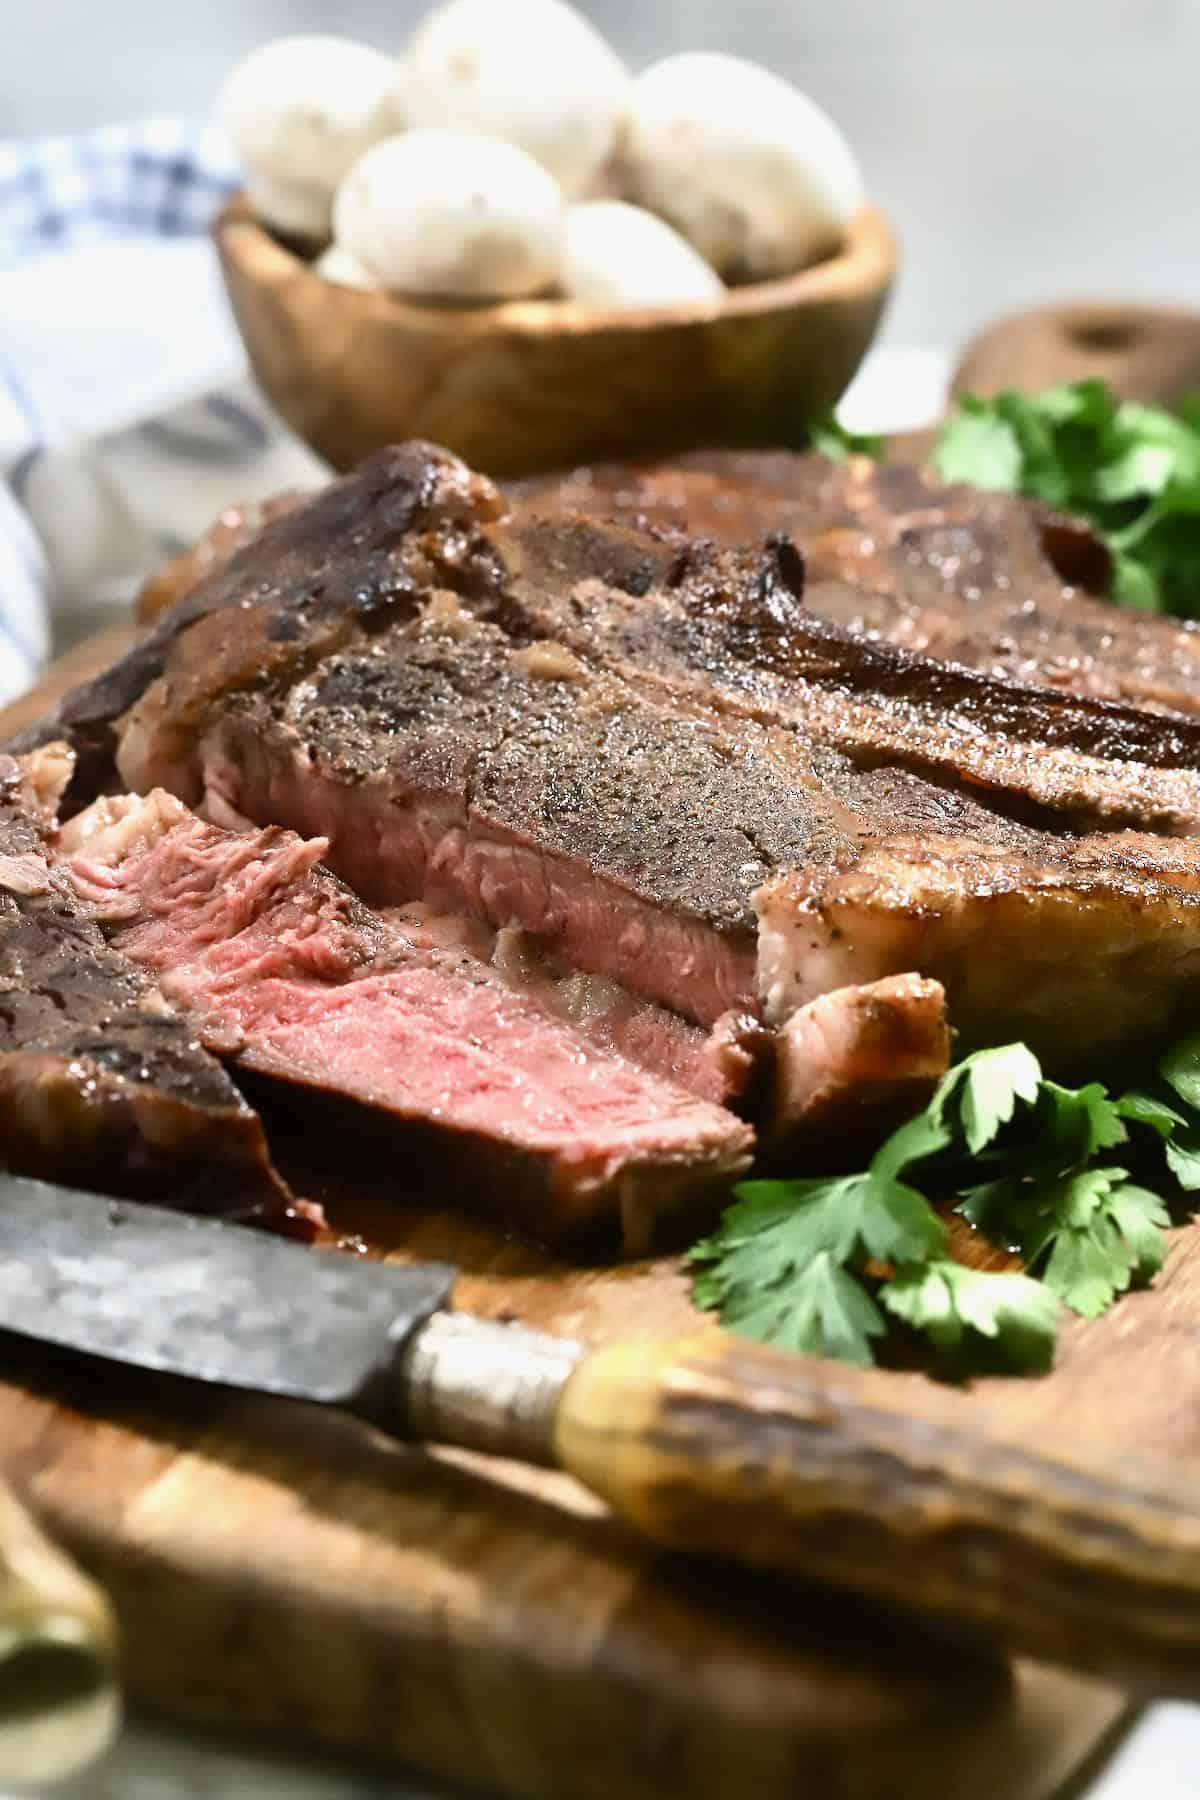 A ribeye steak sliced on a cutting board.